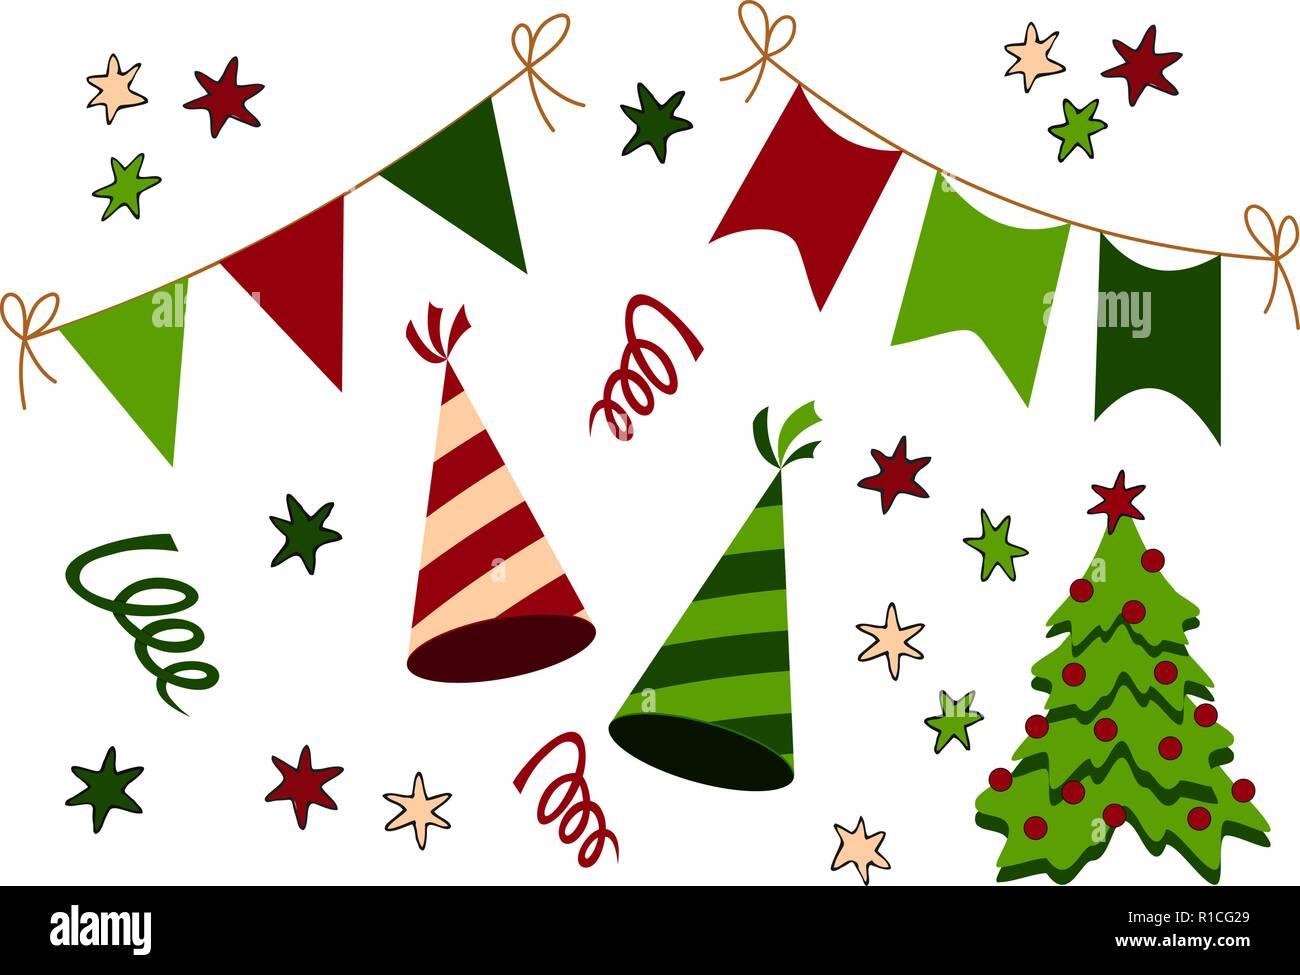 Geburtstag Weihnachten Und Neues Jahr Partei Material Icon Sammlung